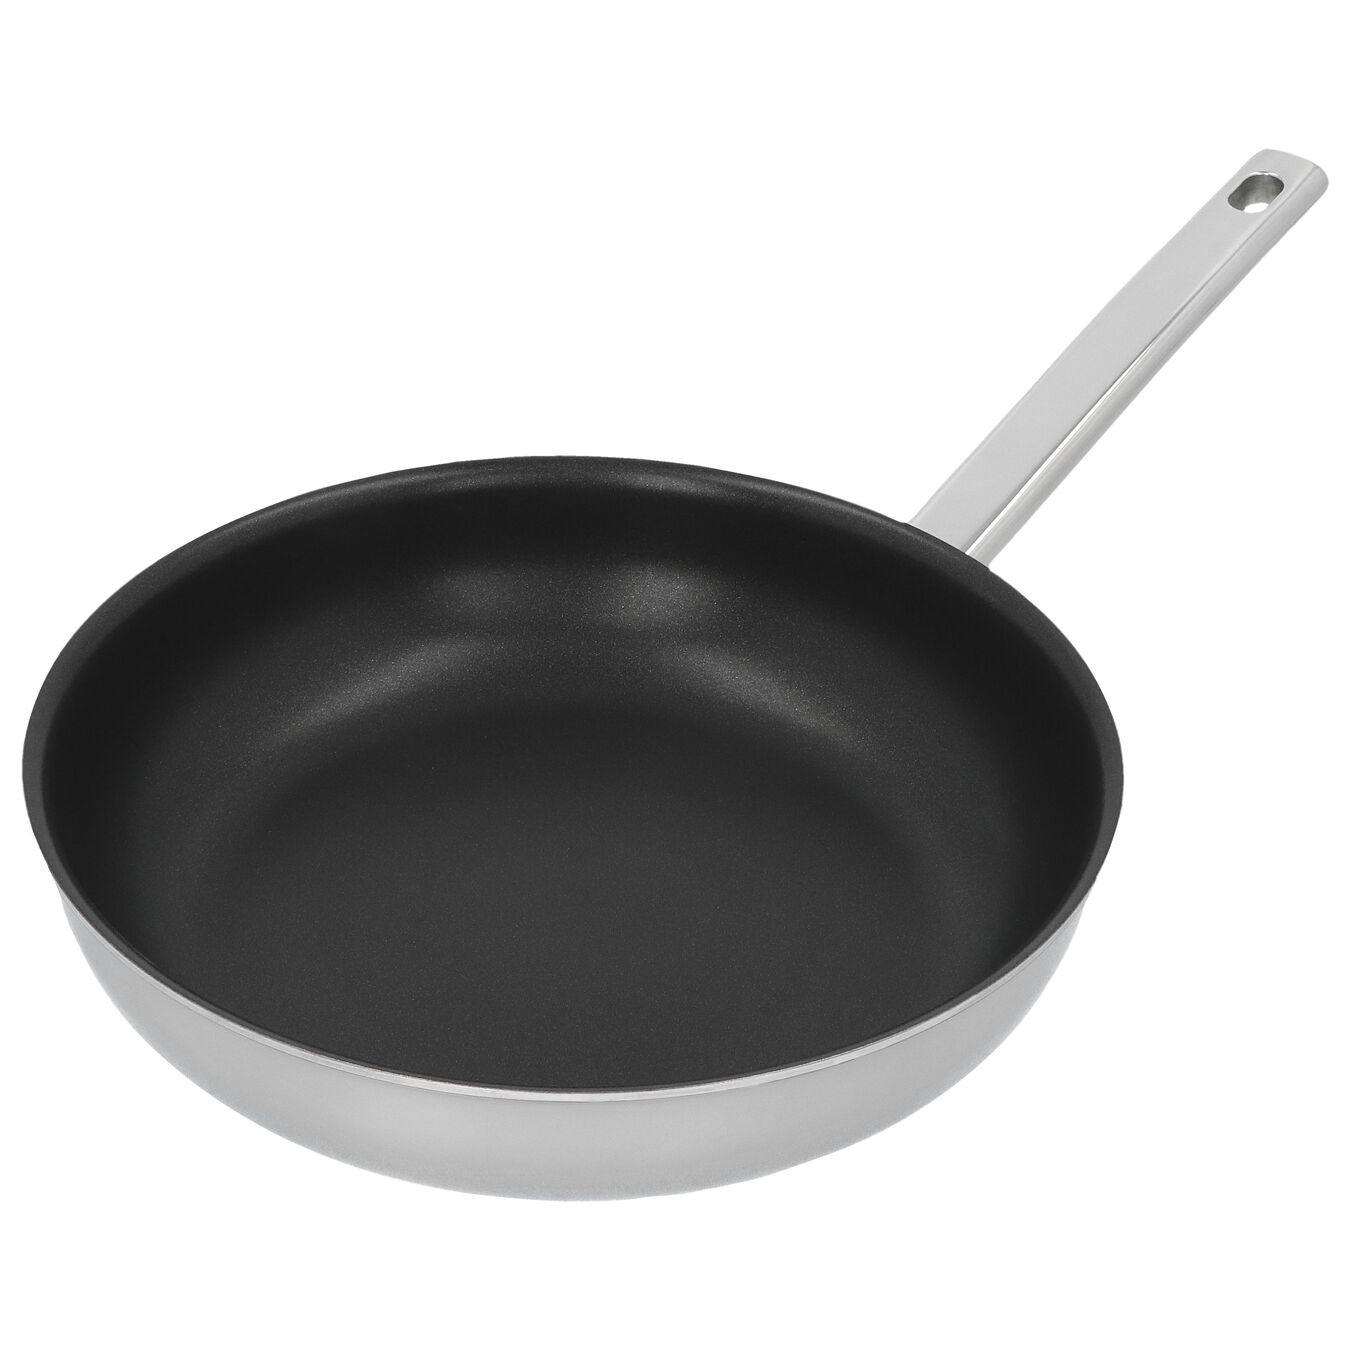 Poêle Argent-noir 24 cm,,large 3